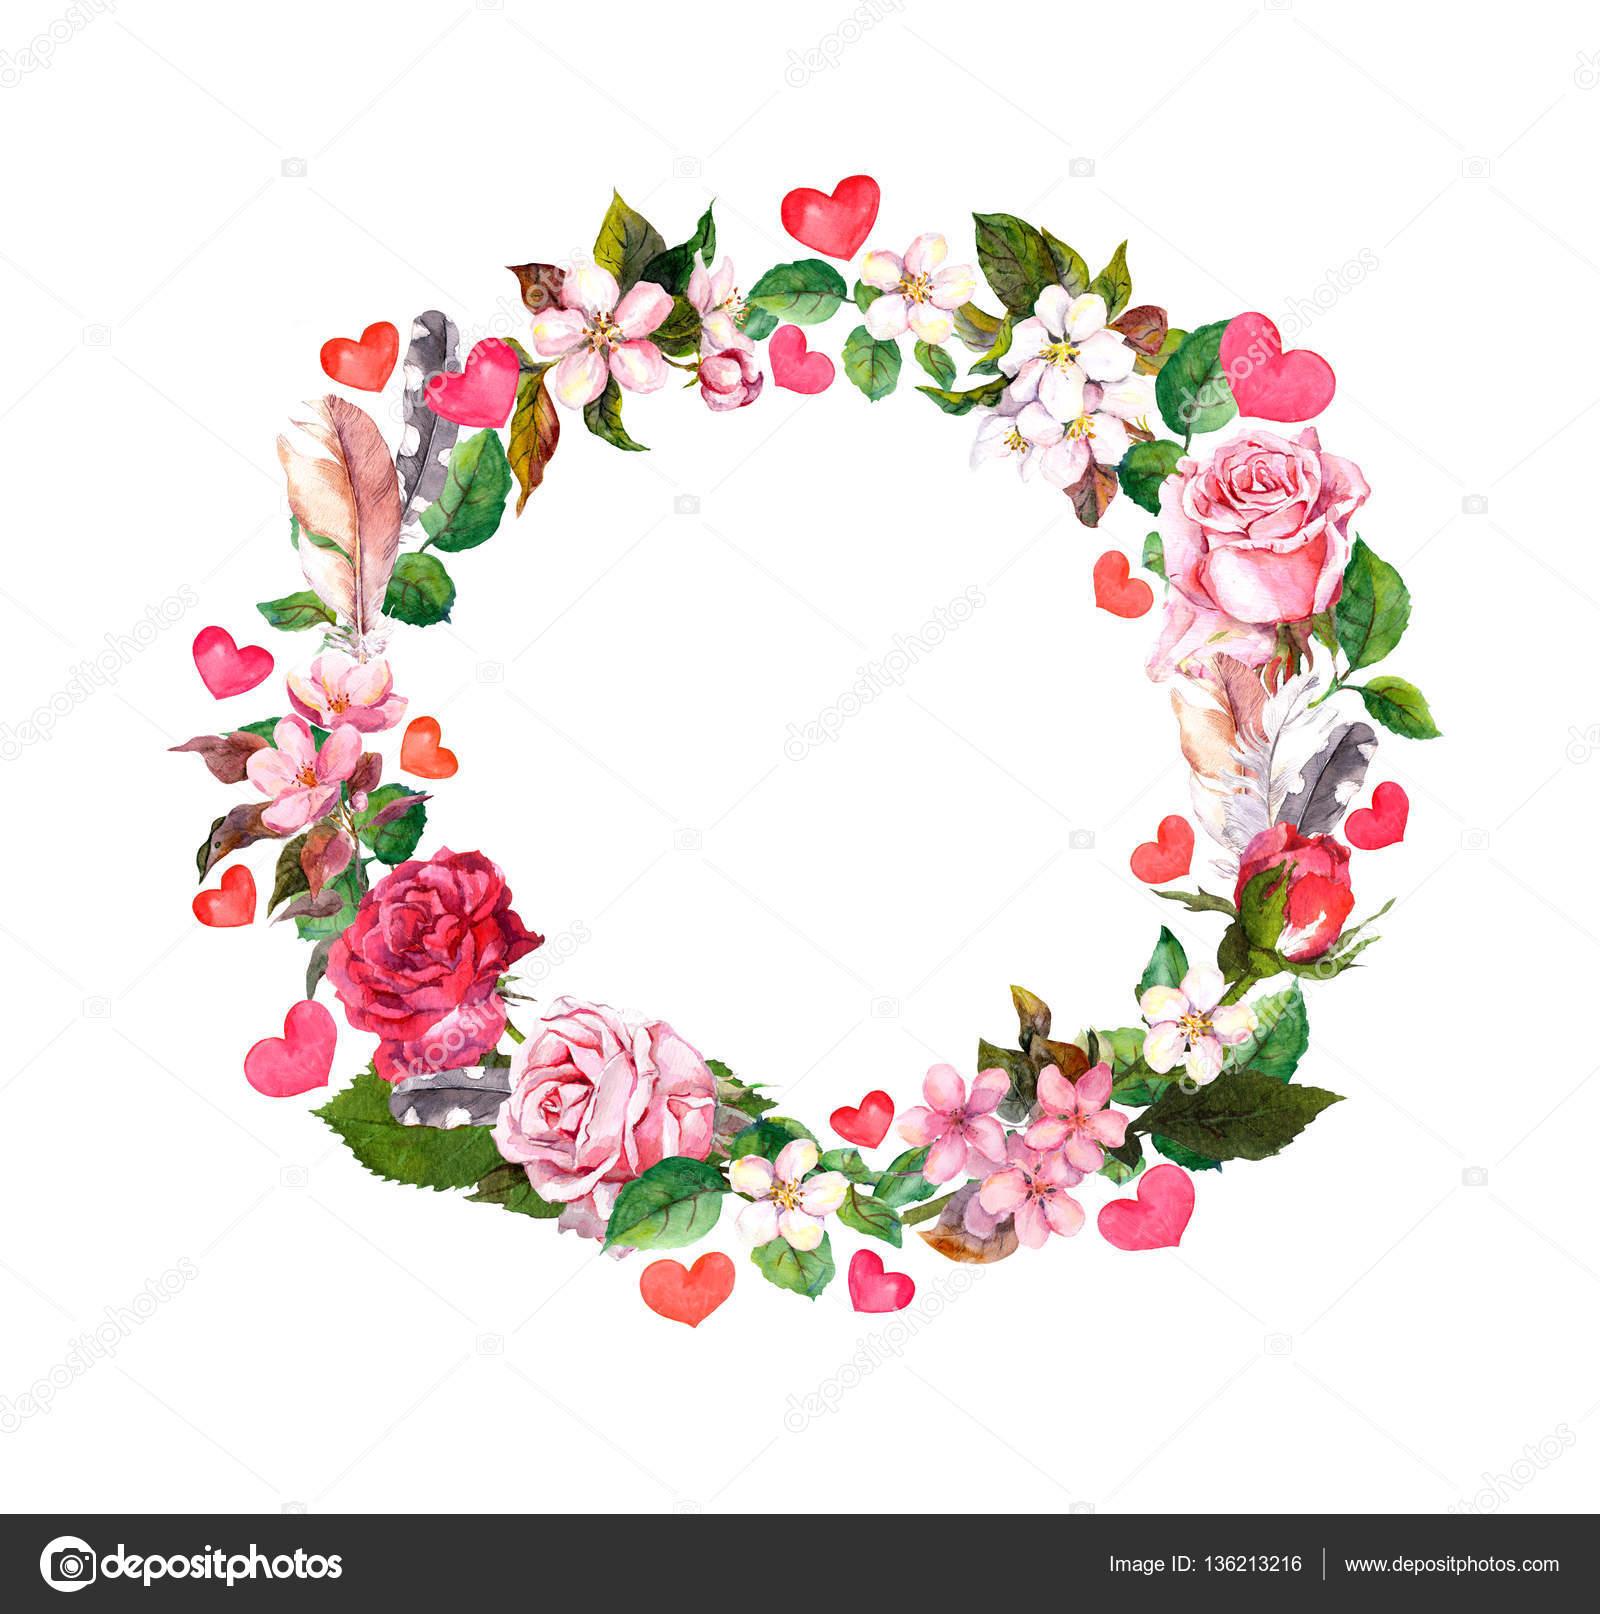 Mothers Day Flower Blumenkranz Rosen Blumen Federn Herzen Aquarell Rund